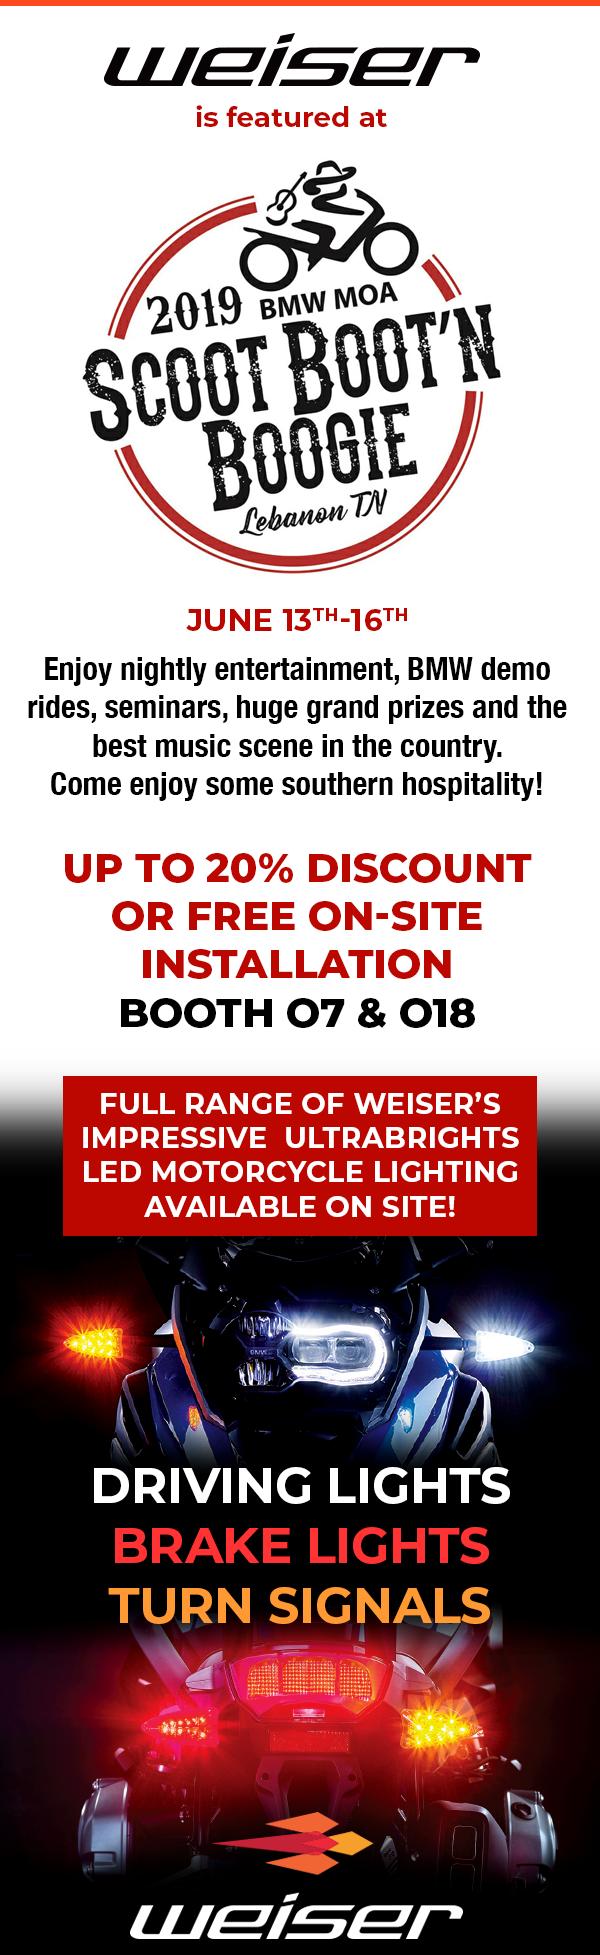 WEISER Eblast 4-19 Events.png